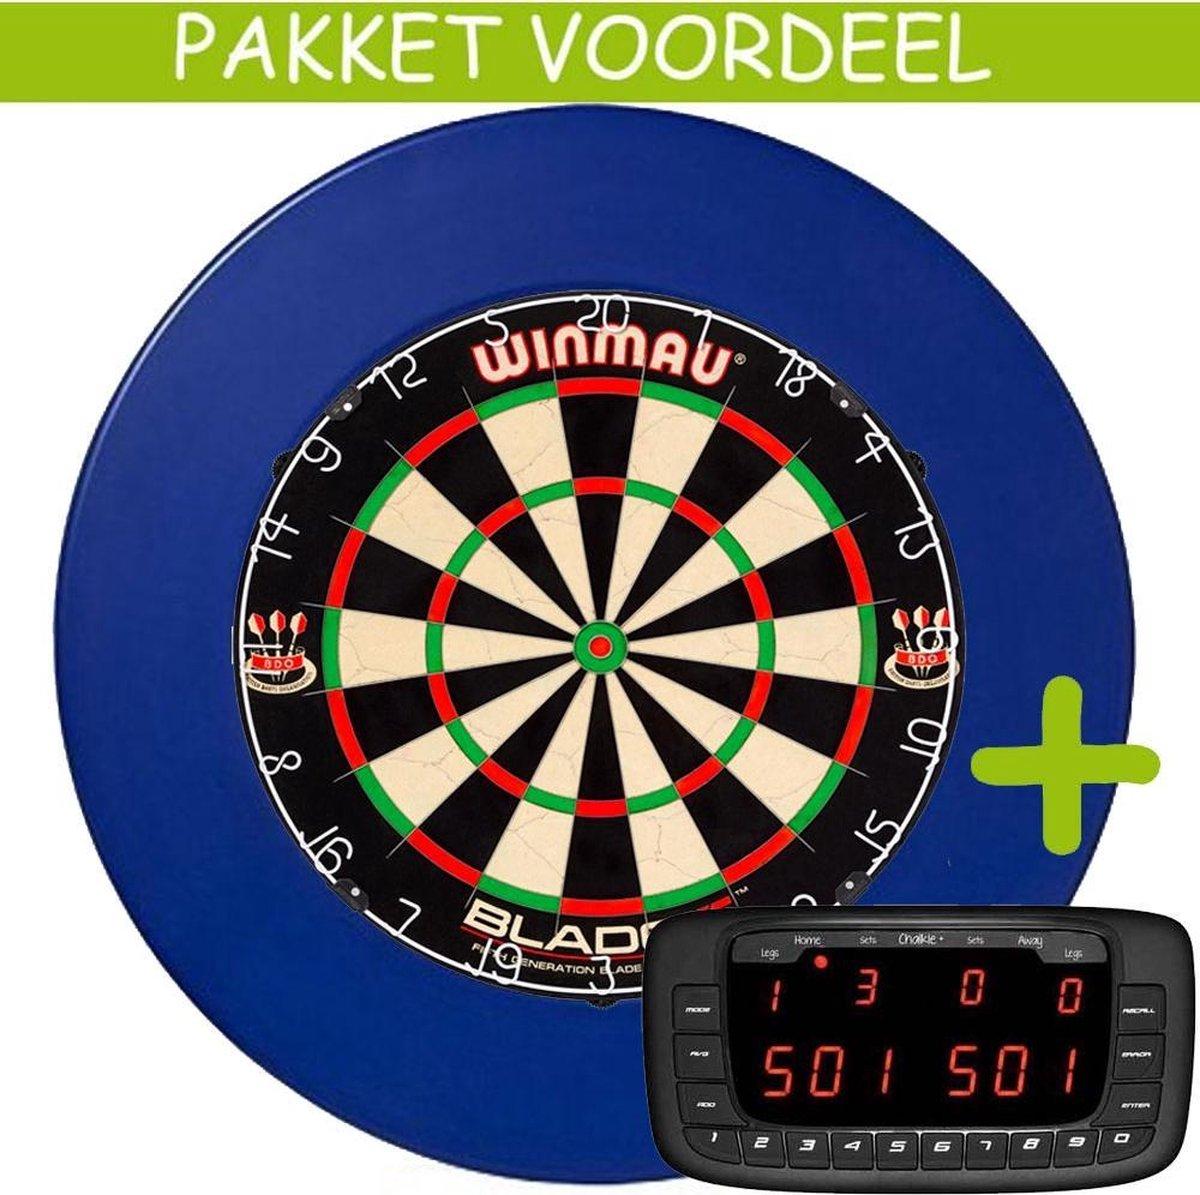 Elektronisch Dart Scorebord VoordeelPakket (Chalkie + ) - Blade 5 - Rubberen Surround (Blauw)